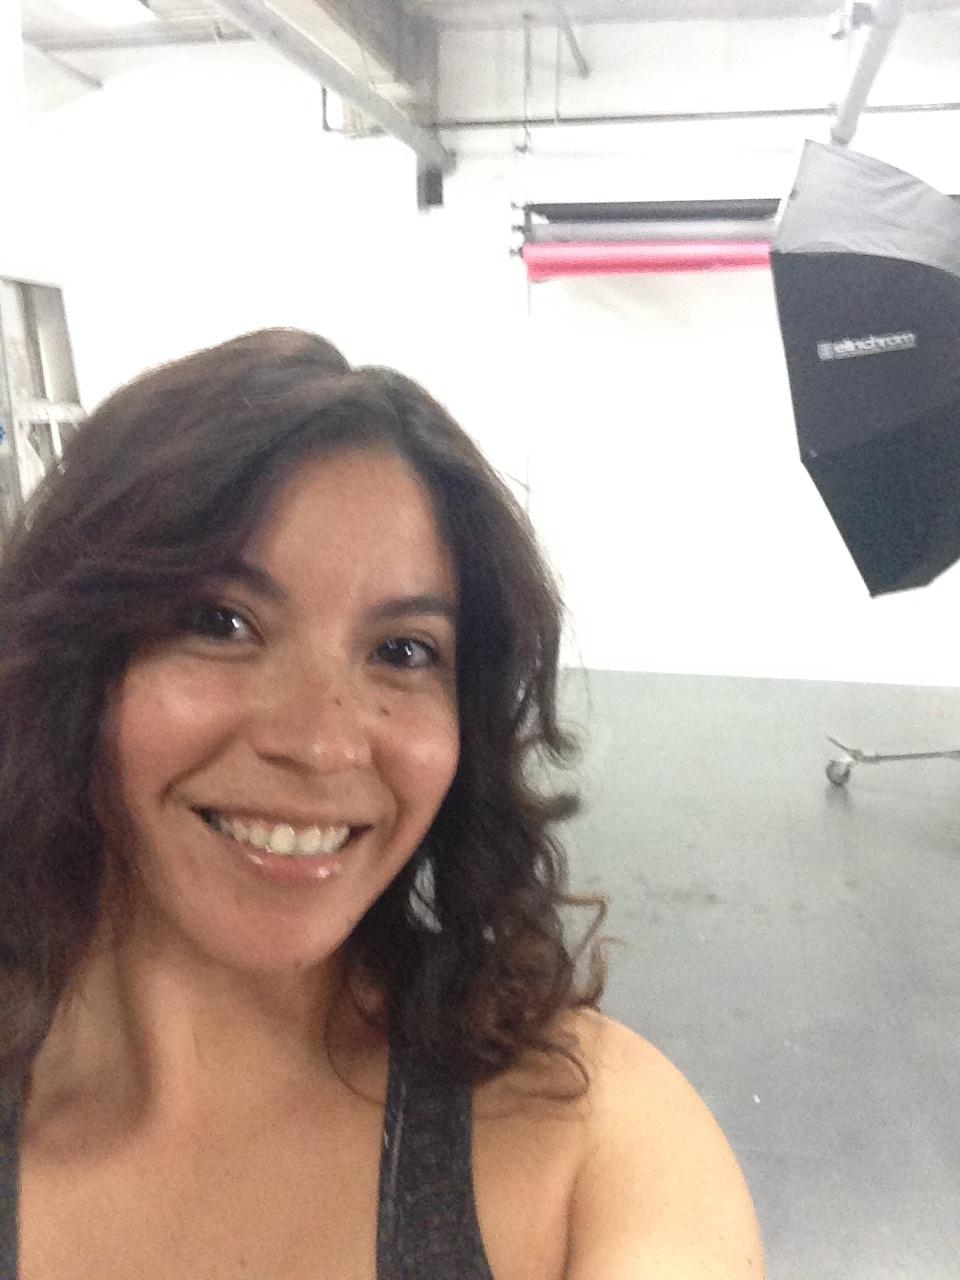 At the shoot